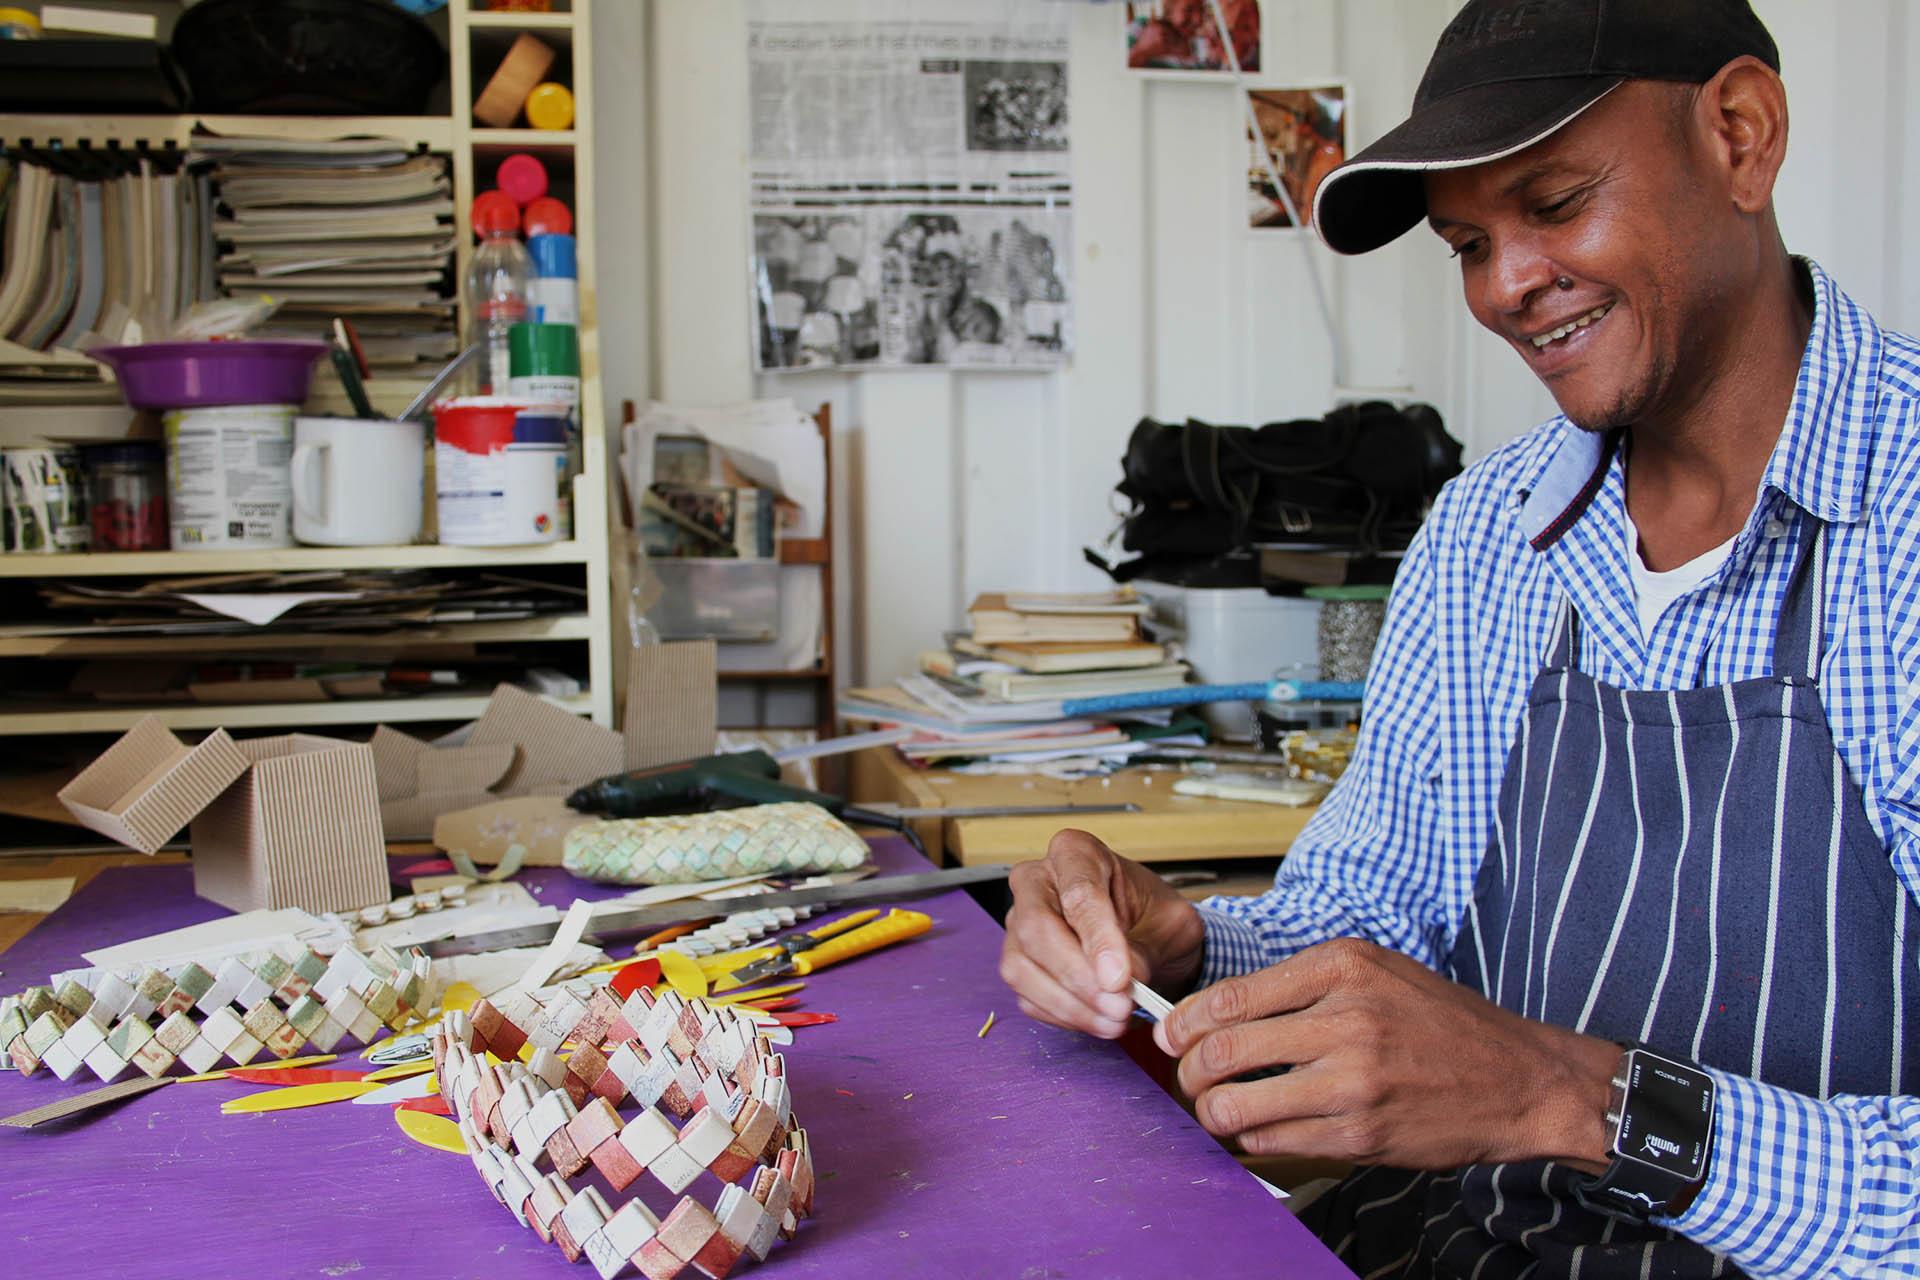 economic empowerment what-we-do-hillaids-hillcrest-aids-centre-trust-crafts